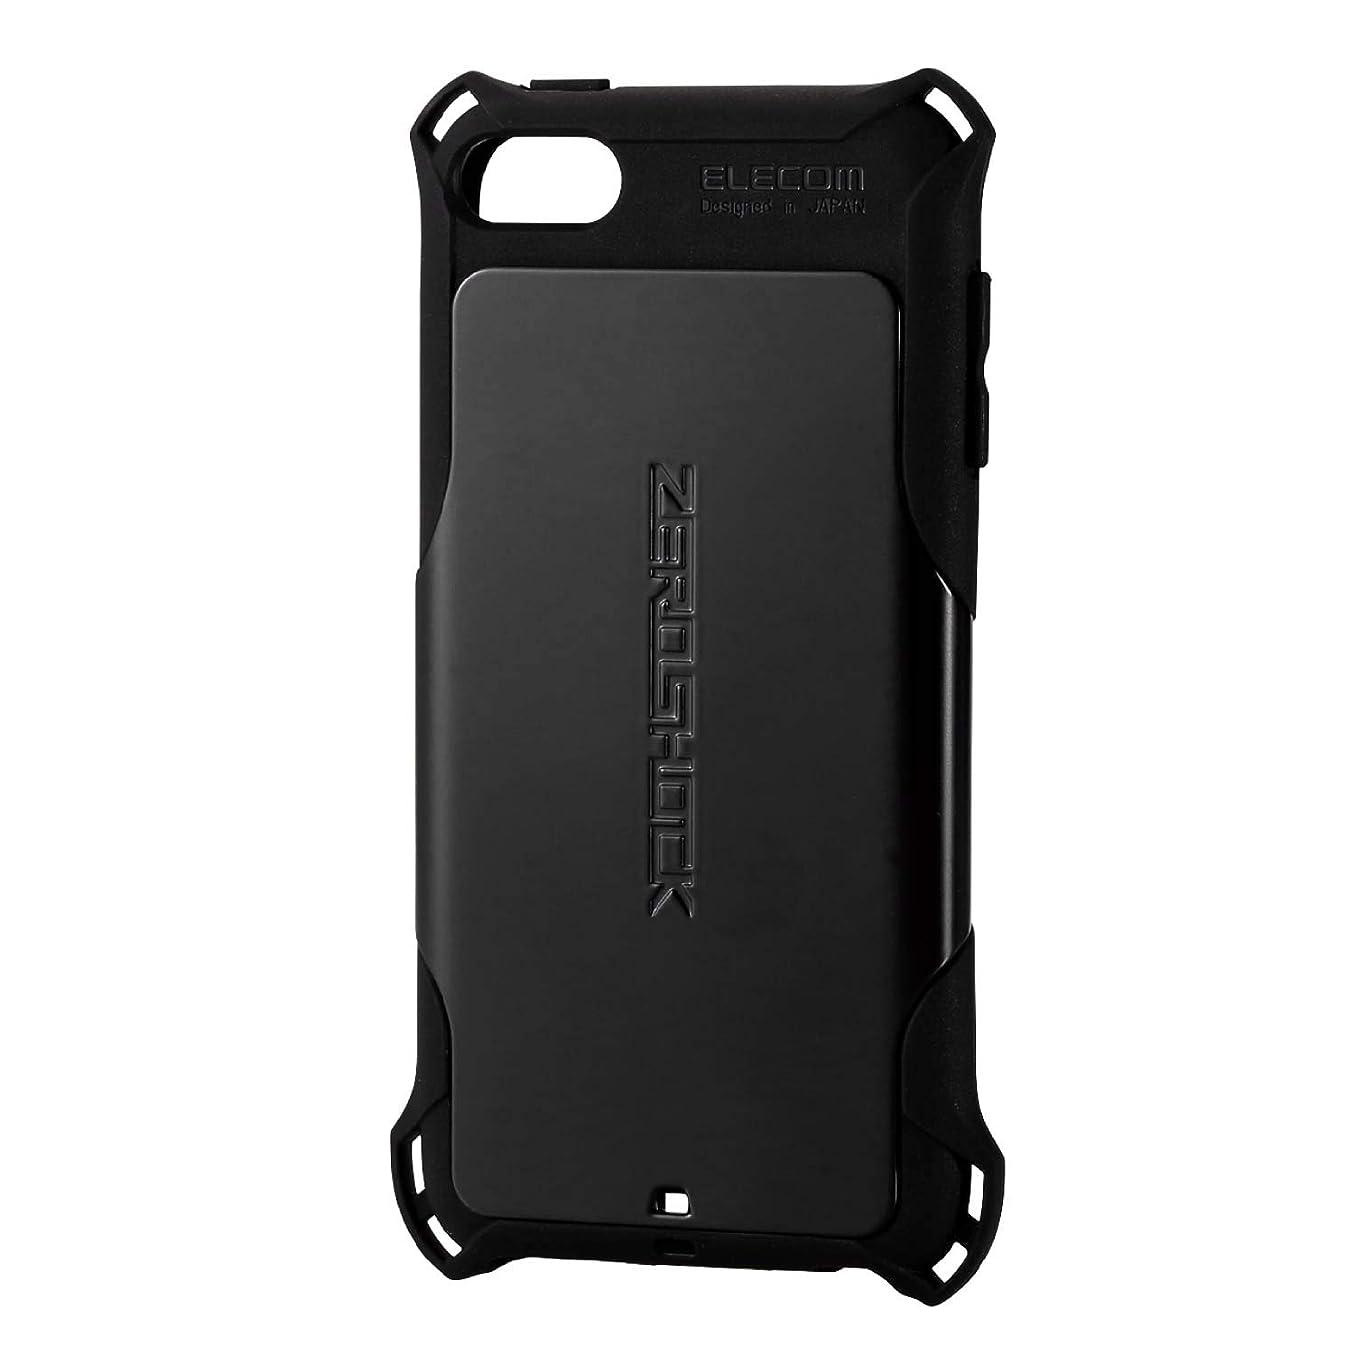 メドレーせがむシードエレコム iPod Touch 【第6世代 / 第7世代】 ケース 衝撃吸収 ZEROSHOCK スタンダード ブラック AVA-T17ZEROBK